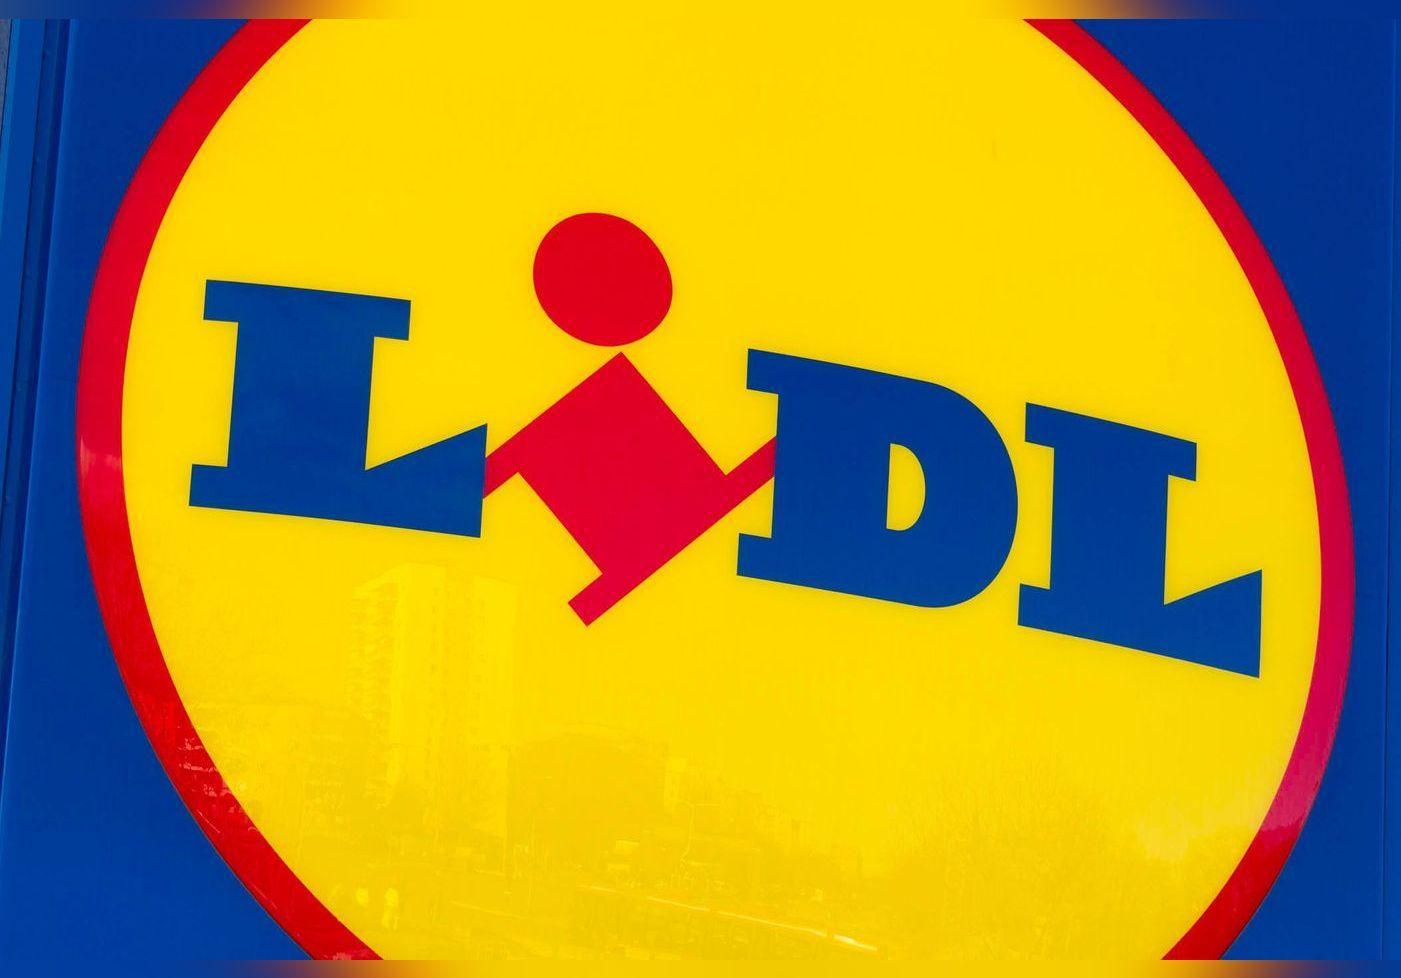 Lidl : une vente flash d'appareils électroménagers et ustensiles de cuisine à prix cassé le 21 octobre